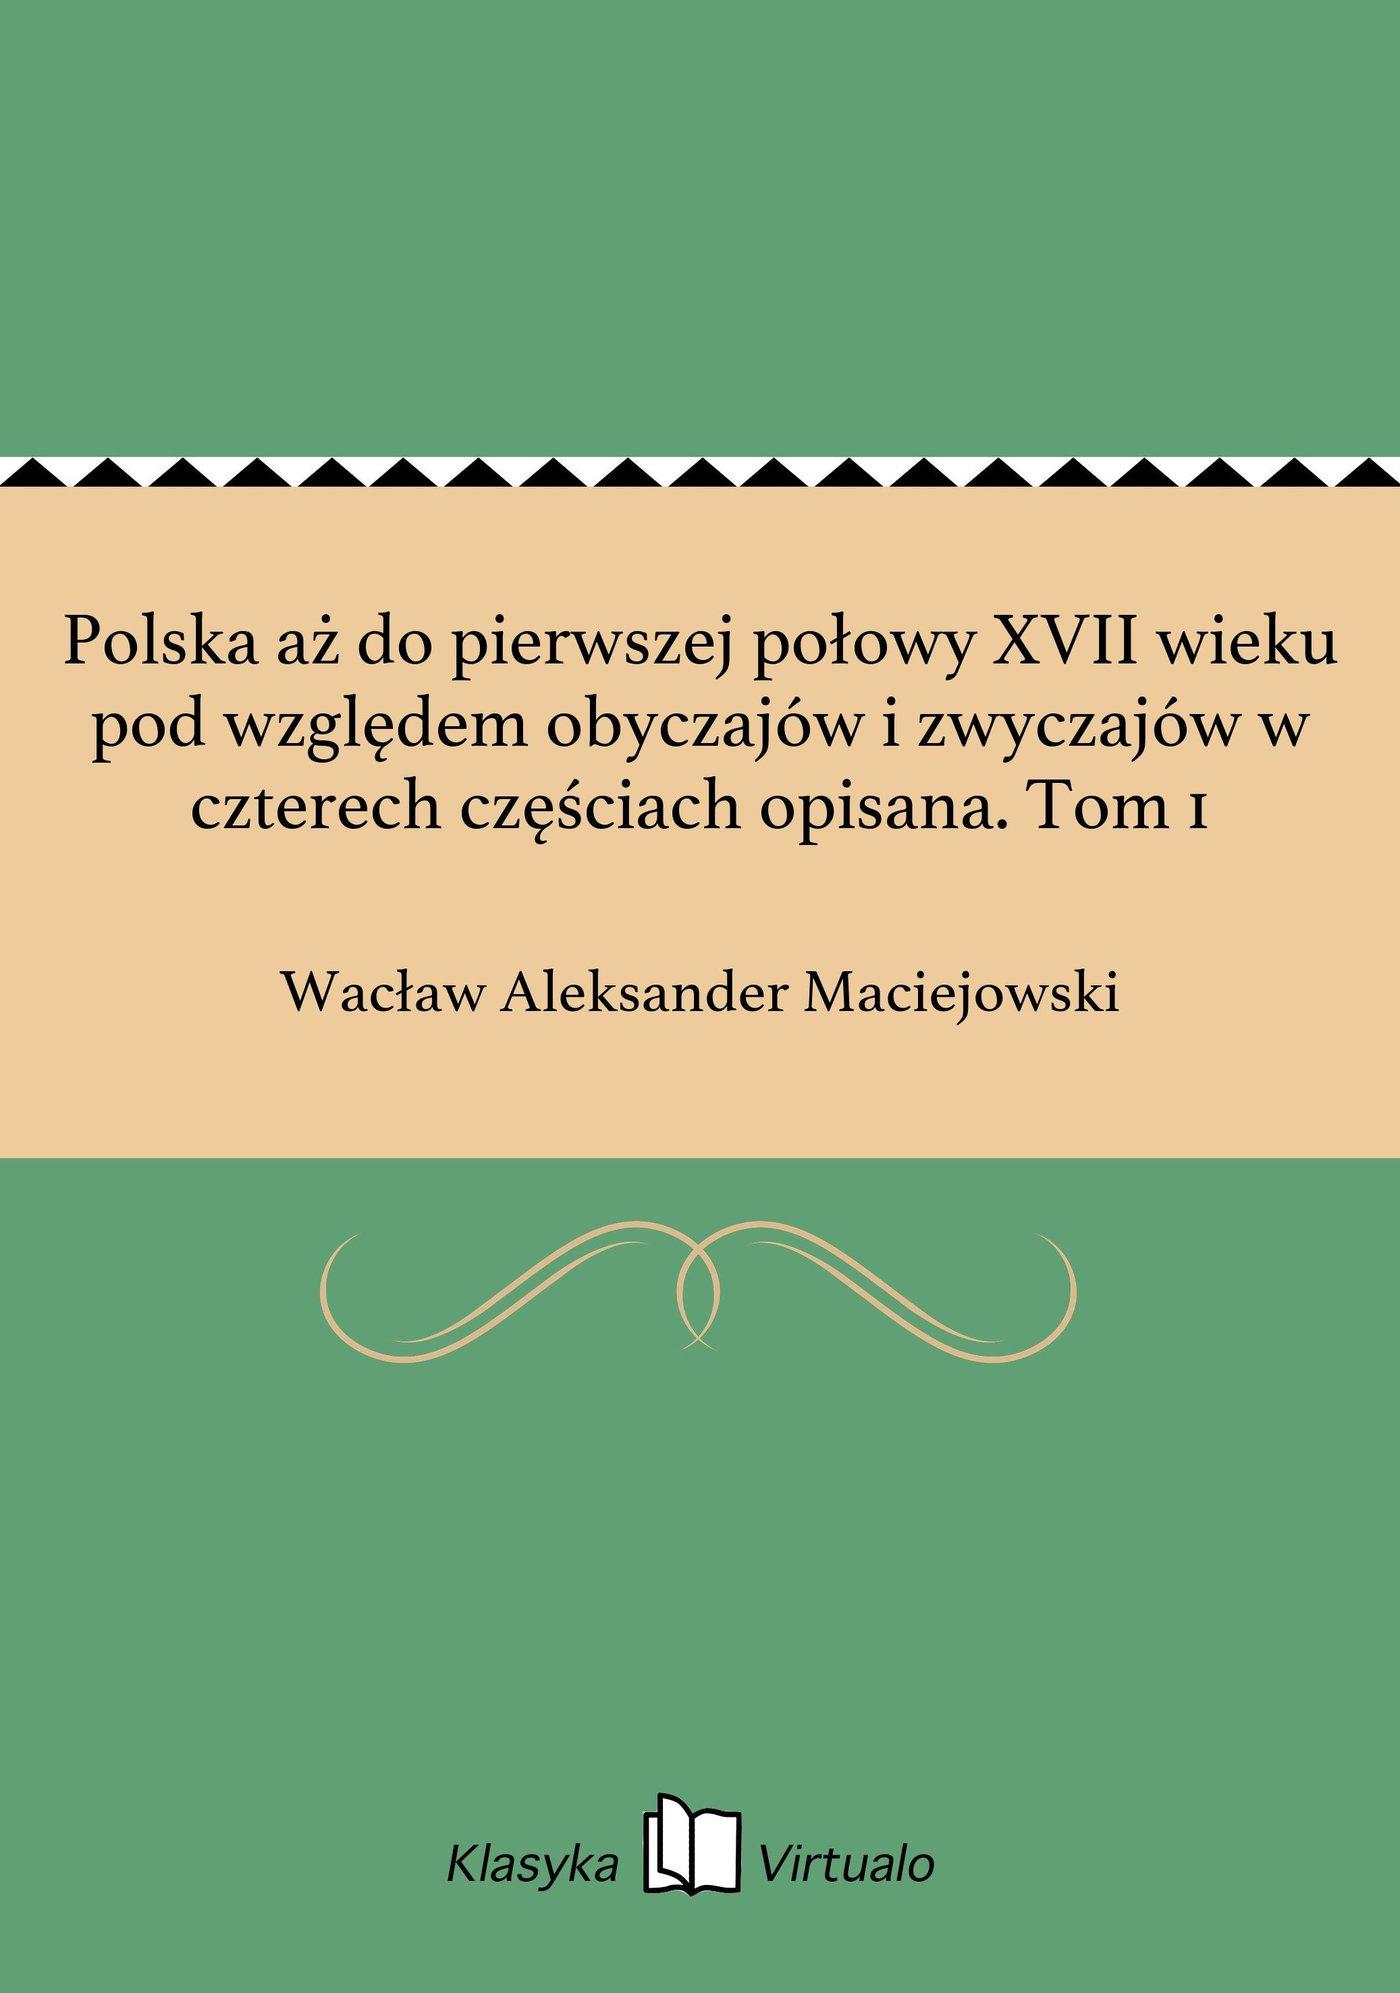 Polska aż do pierwszej połowy XVII wieku pod względem obyczajów i zwyczajów w czterech częściach opisana. Tom 1 - Ebook (Książka EPUB) do pobrania w formacie EPUB